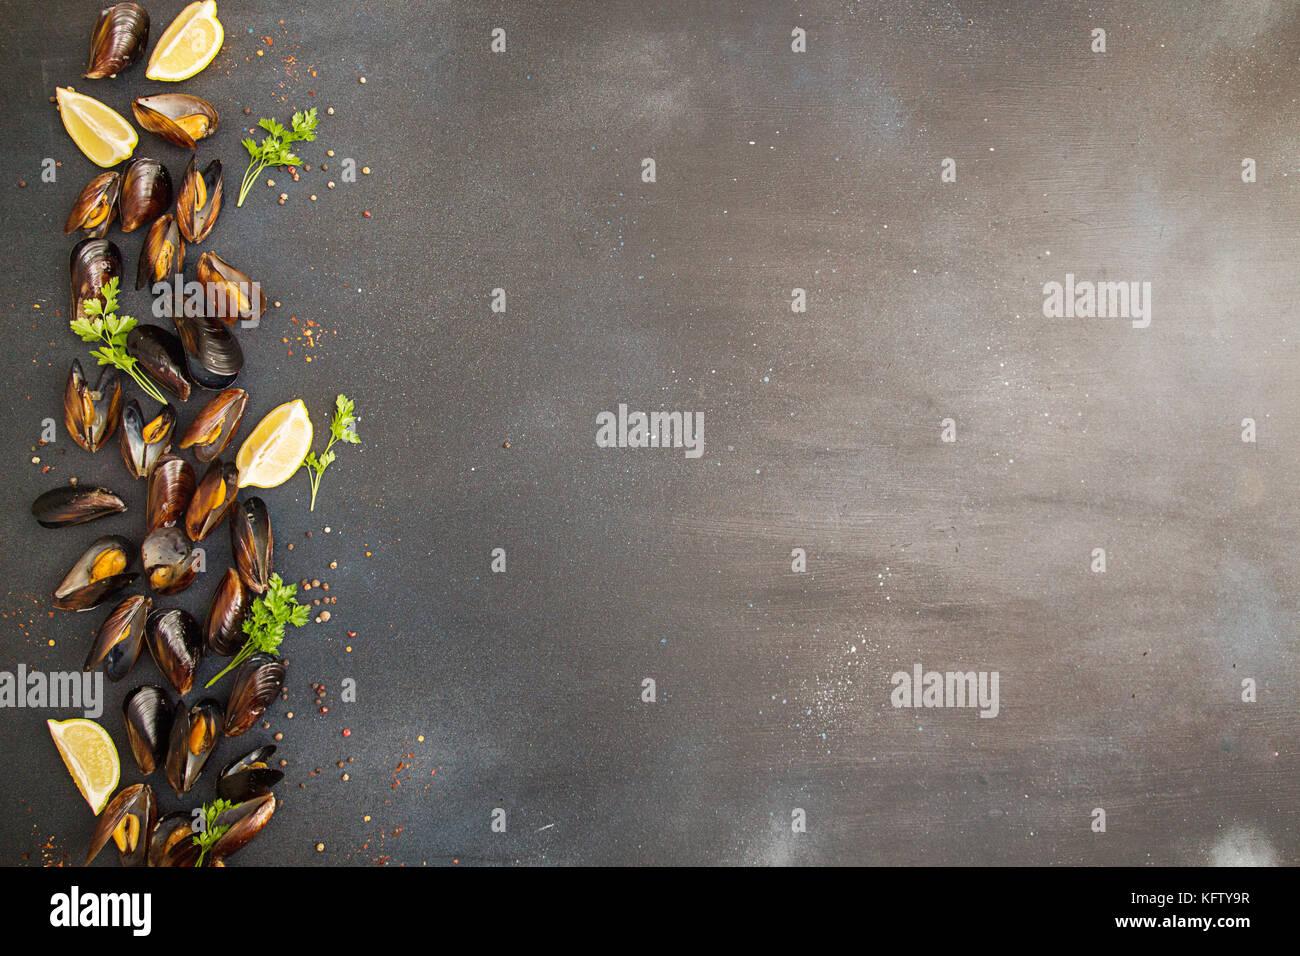 Passage de ligne de moules plumeuse avec citron et persil. Concept d'aliments sains. Copier l'espace. Vue Photo Stock